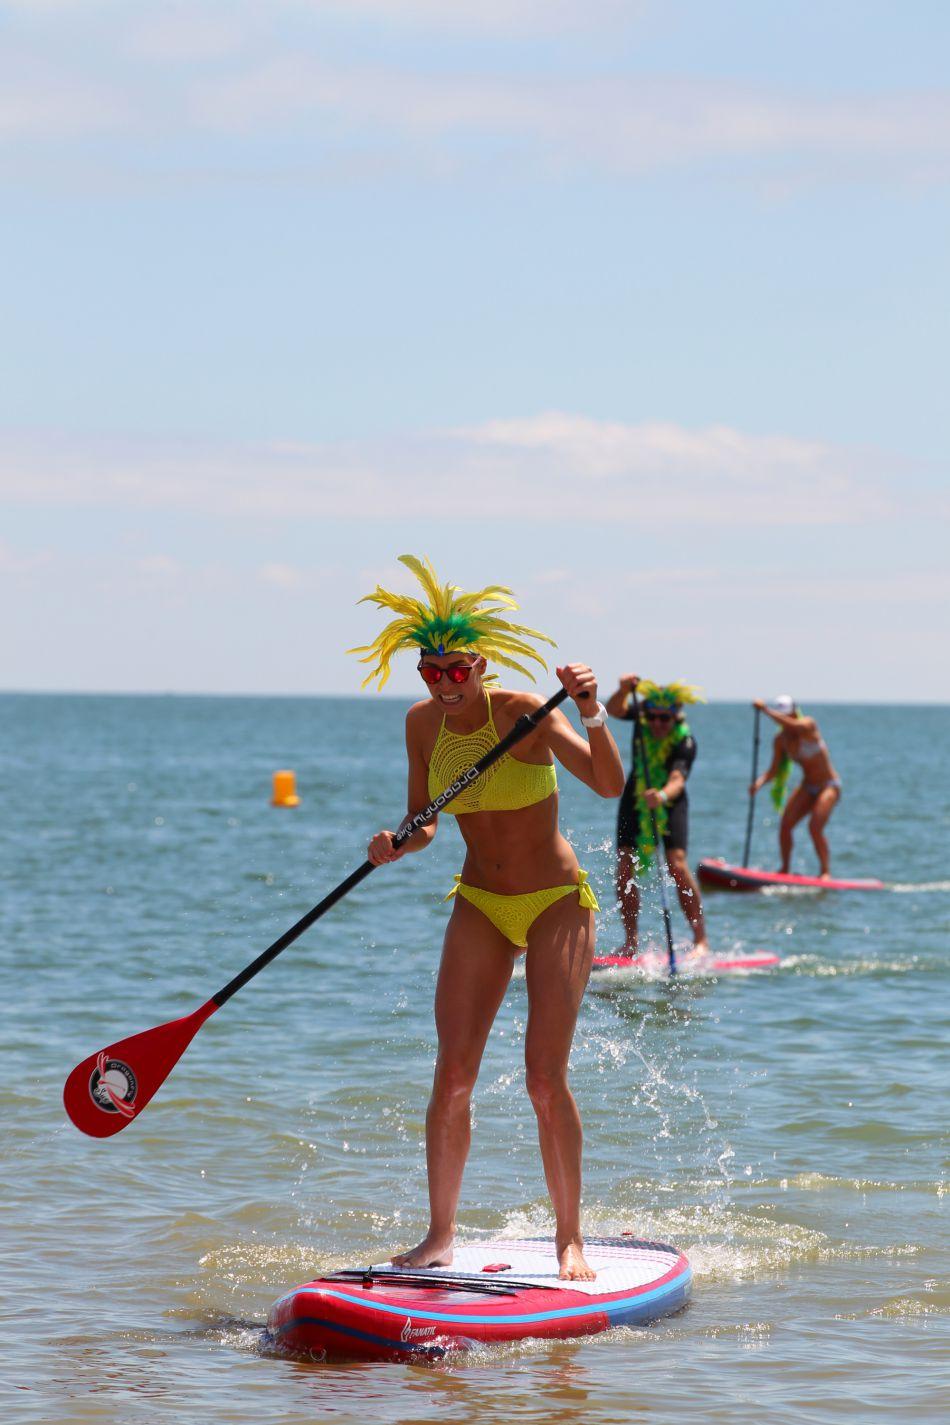 L'été a été sportive pour la jeune femme ici sur un paddle !